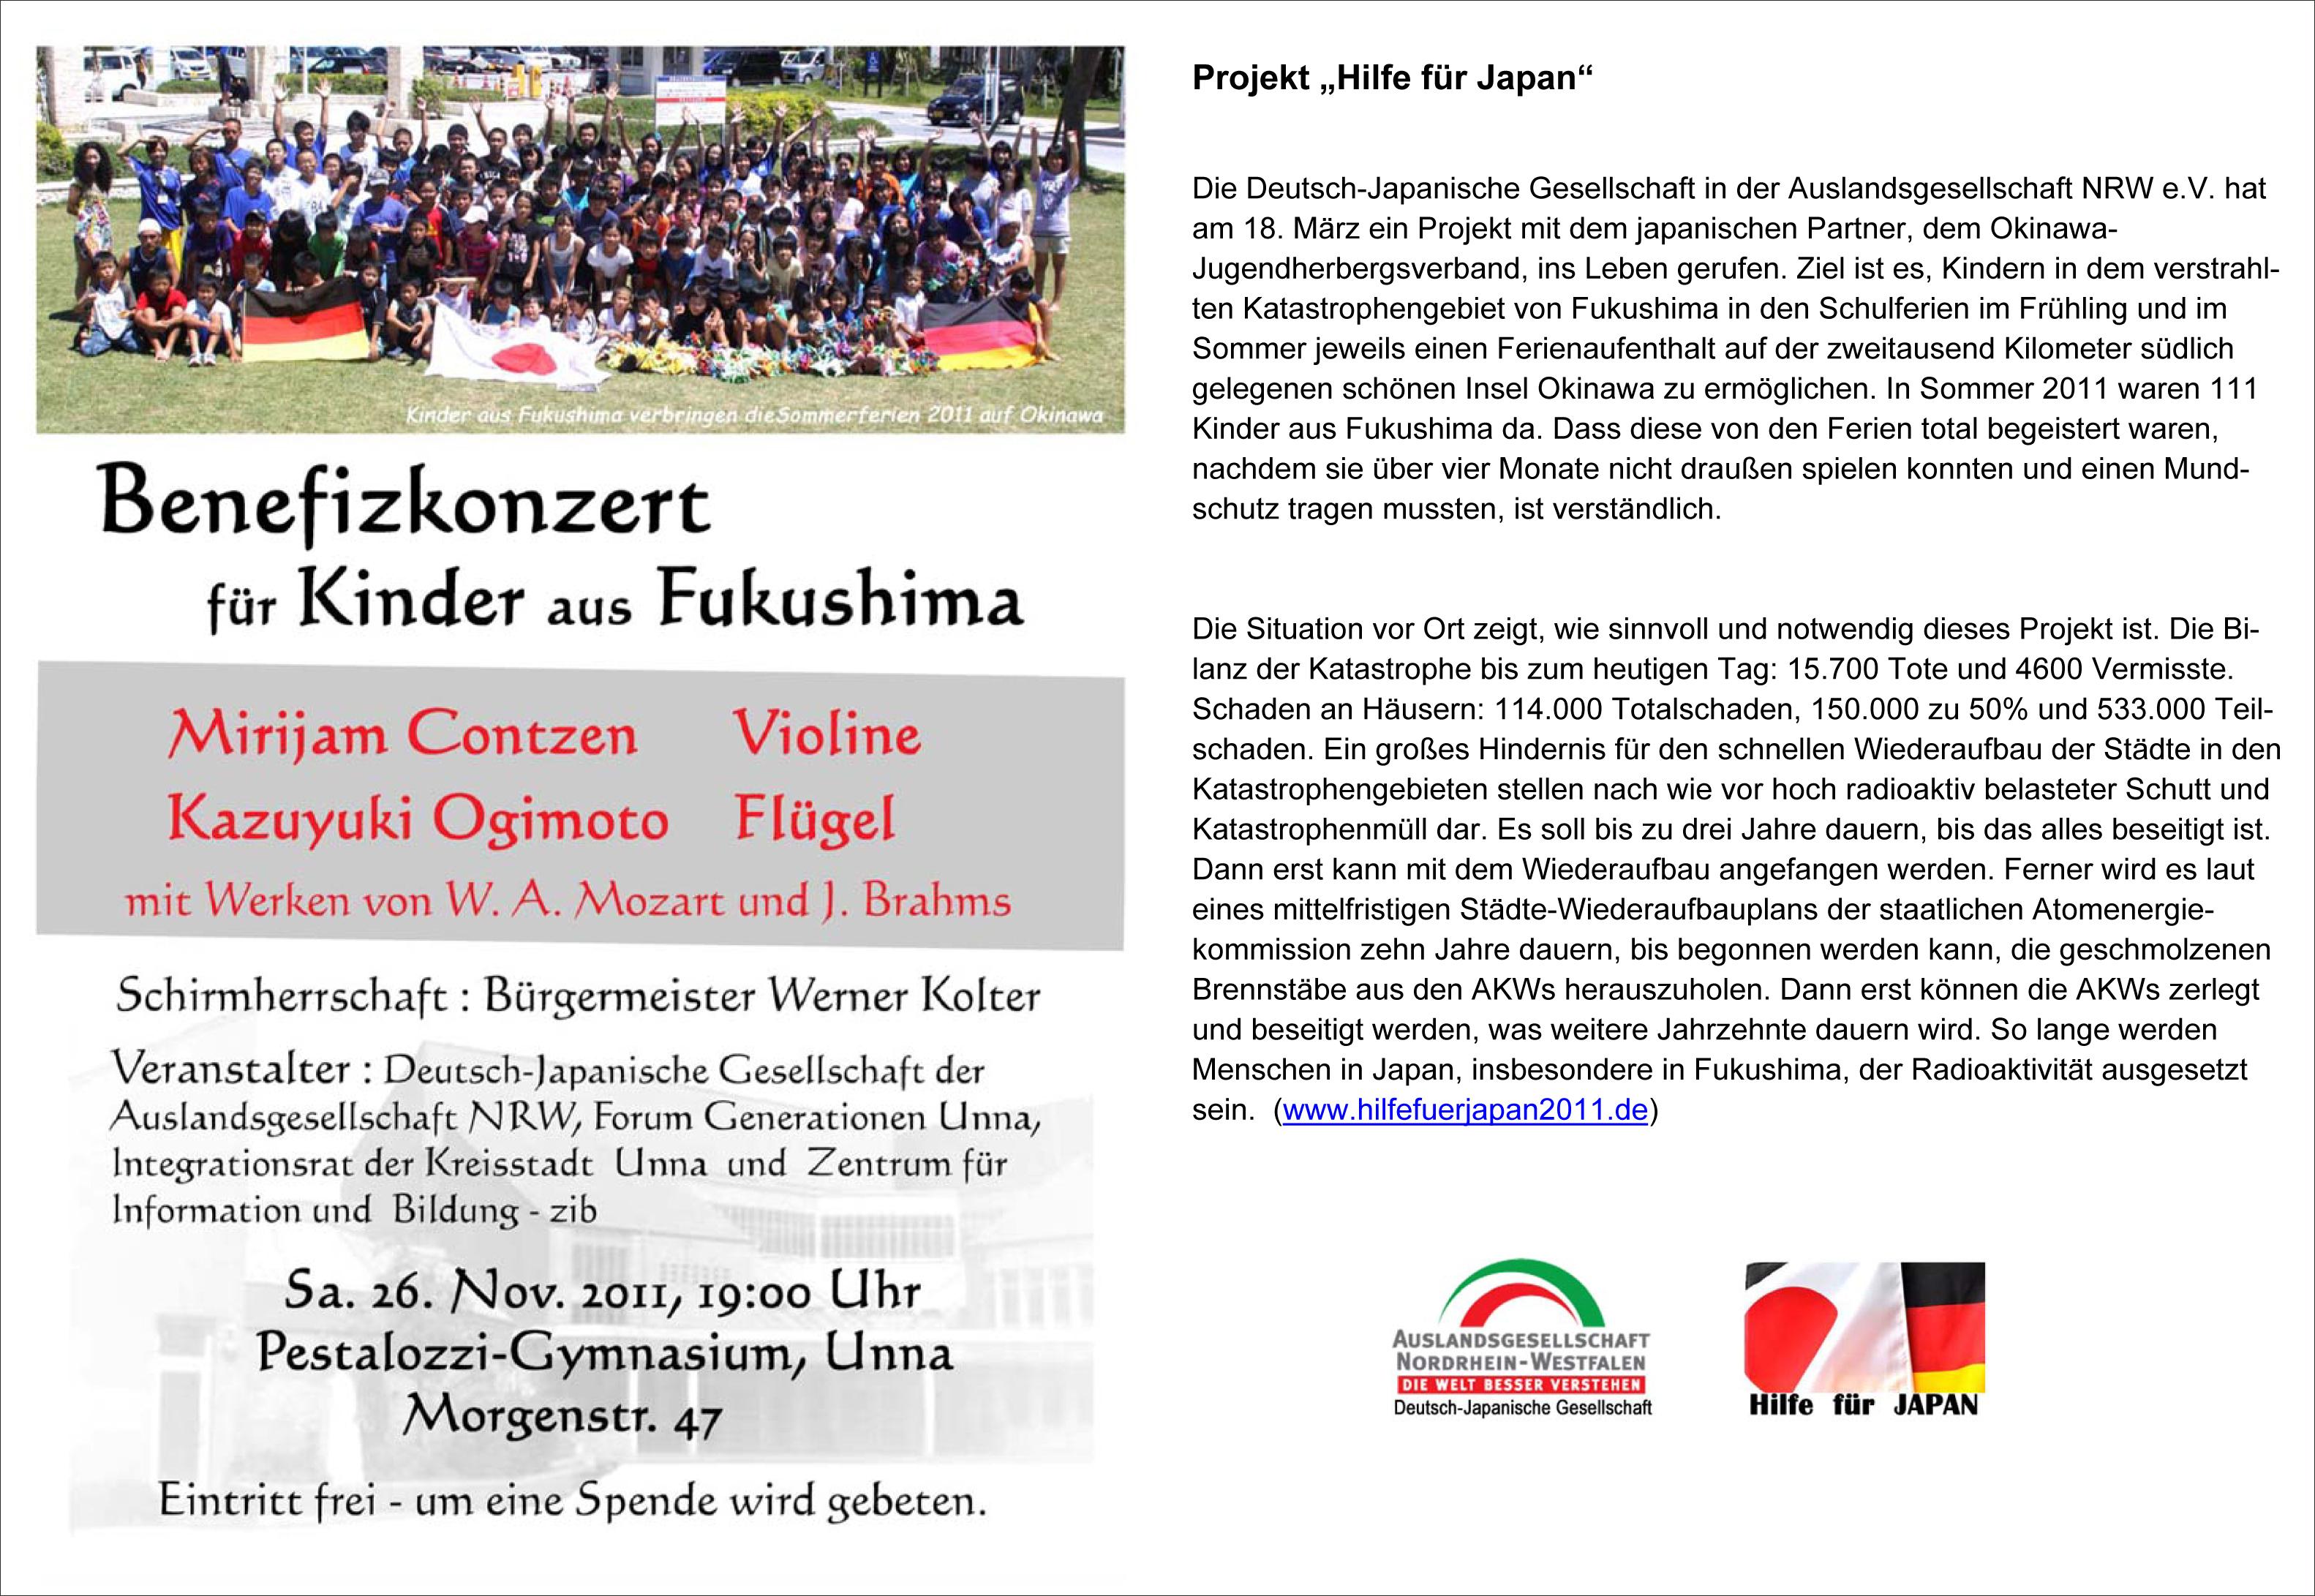 Japanisches Generalkonsulat Düsseldorf